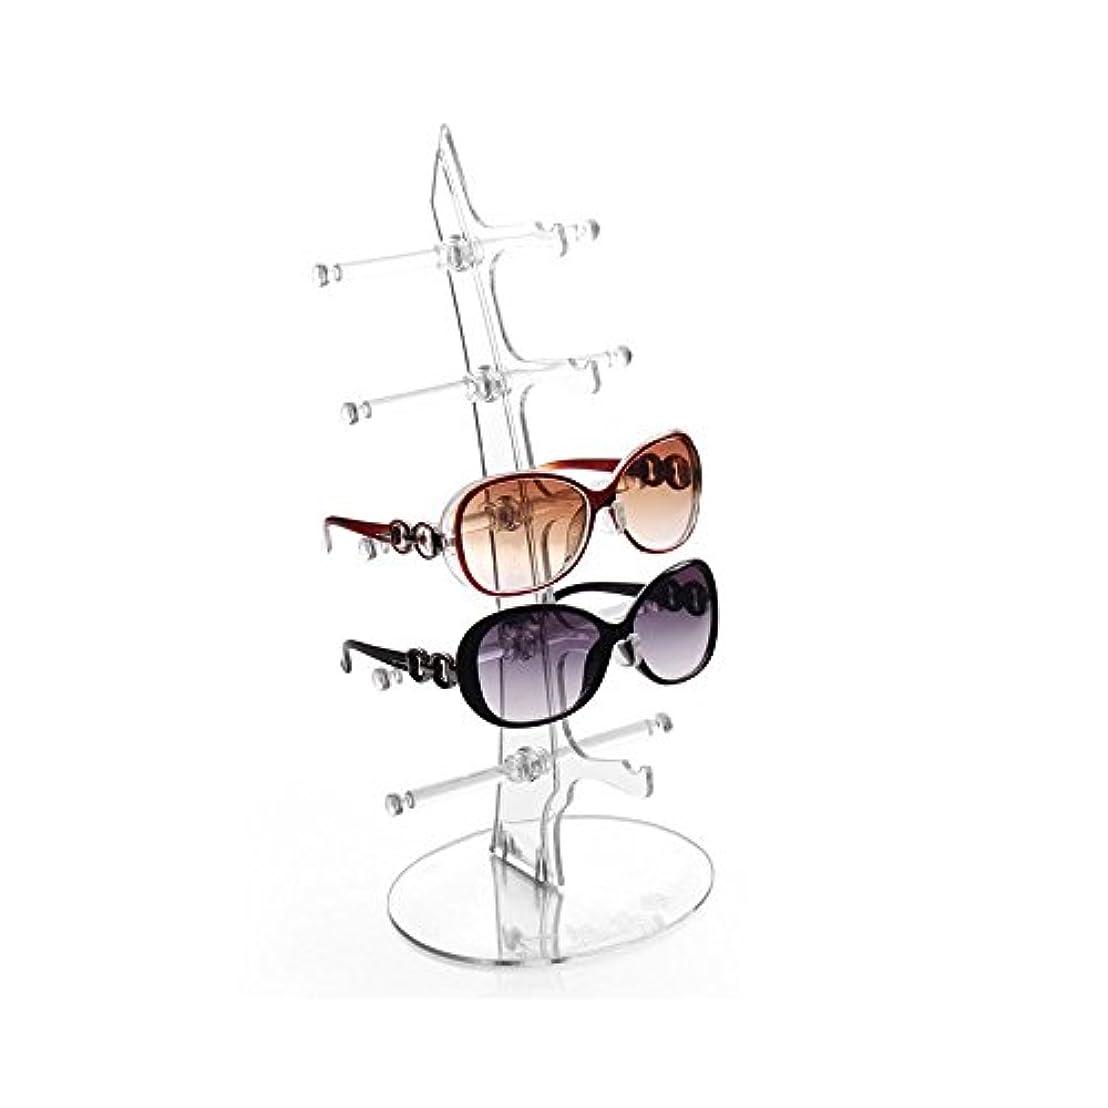 半島慢チャレンジHongch 眼鏡 デイリー用ディスプレイスタンド サングラスホルダーラック 眼鏡